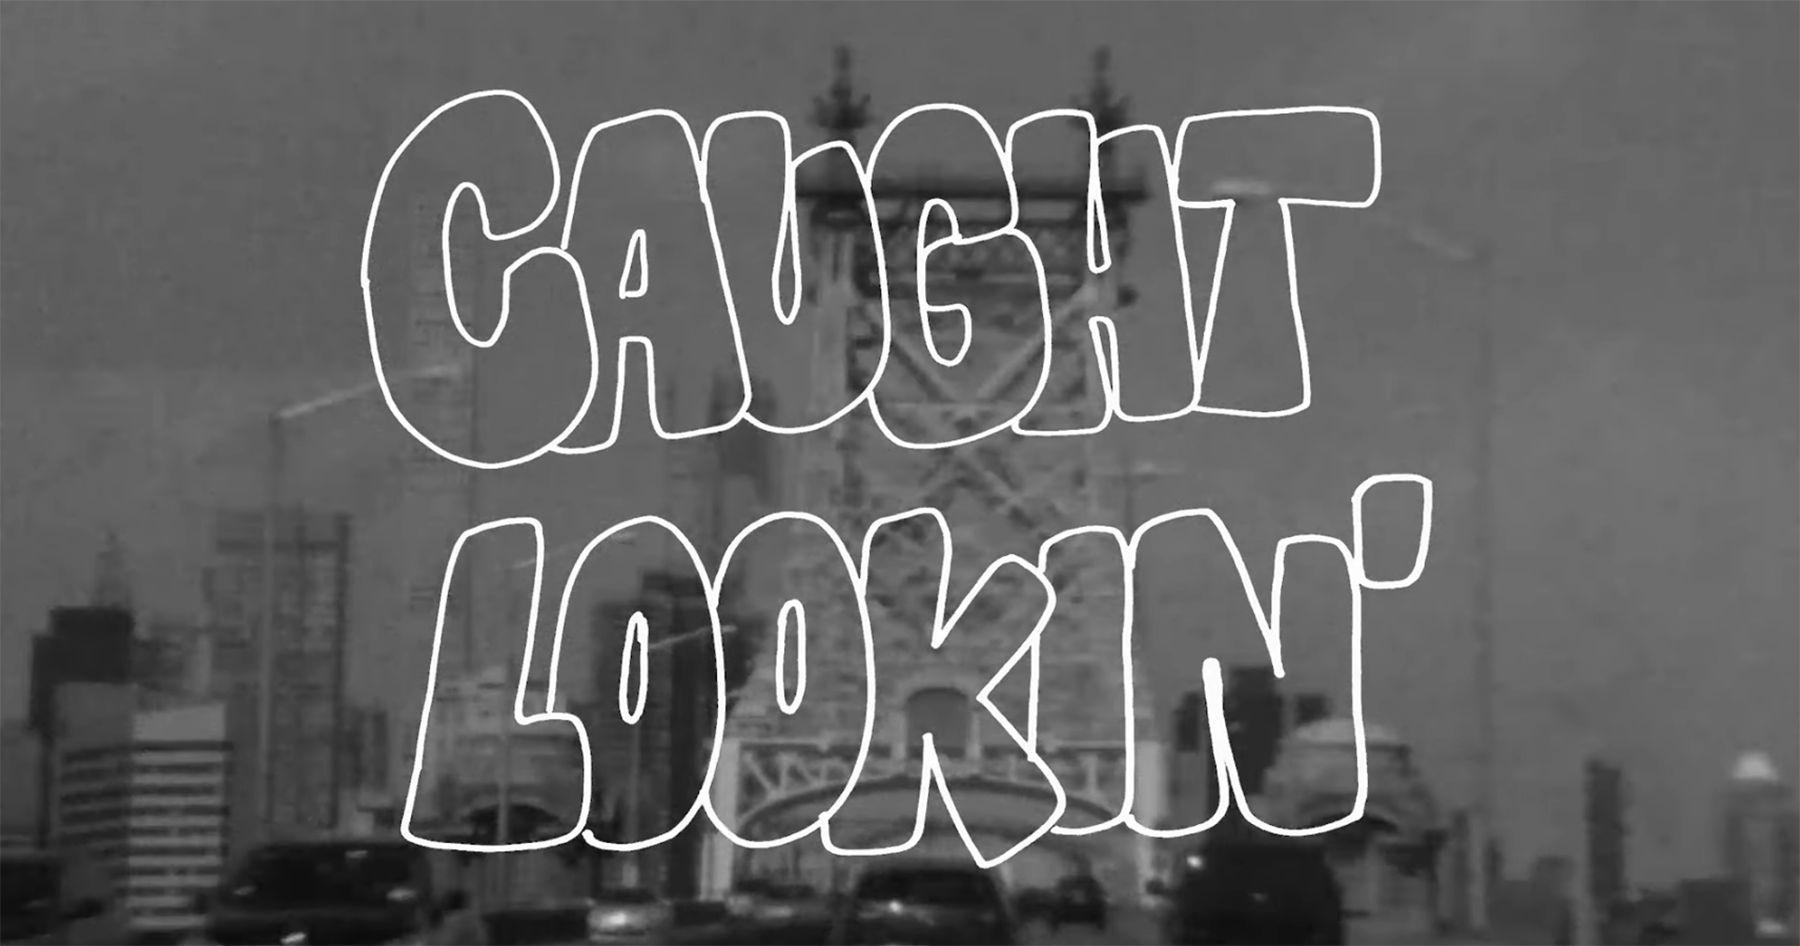 Young Guv - Caught Lookin' | Musik | Was is hier eigentlich los?